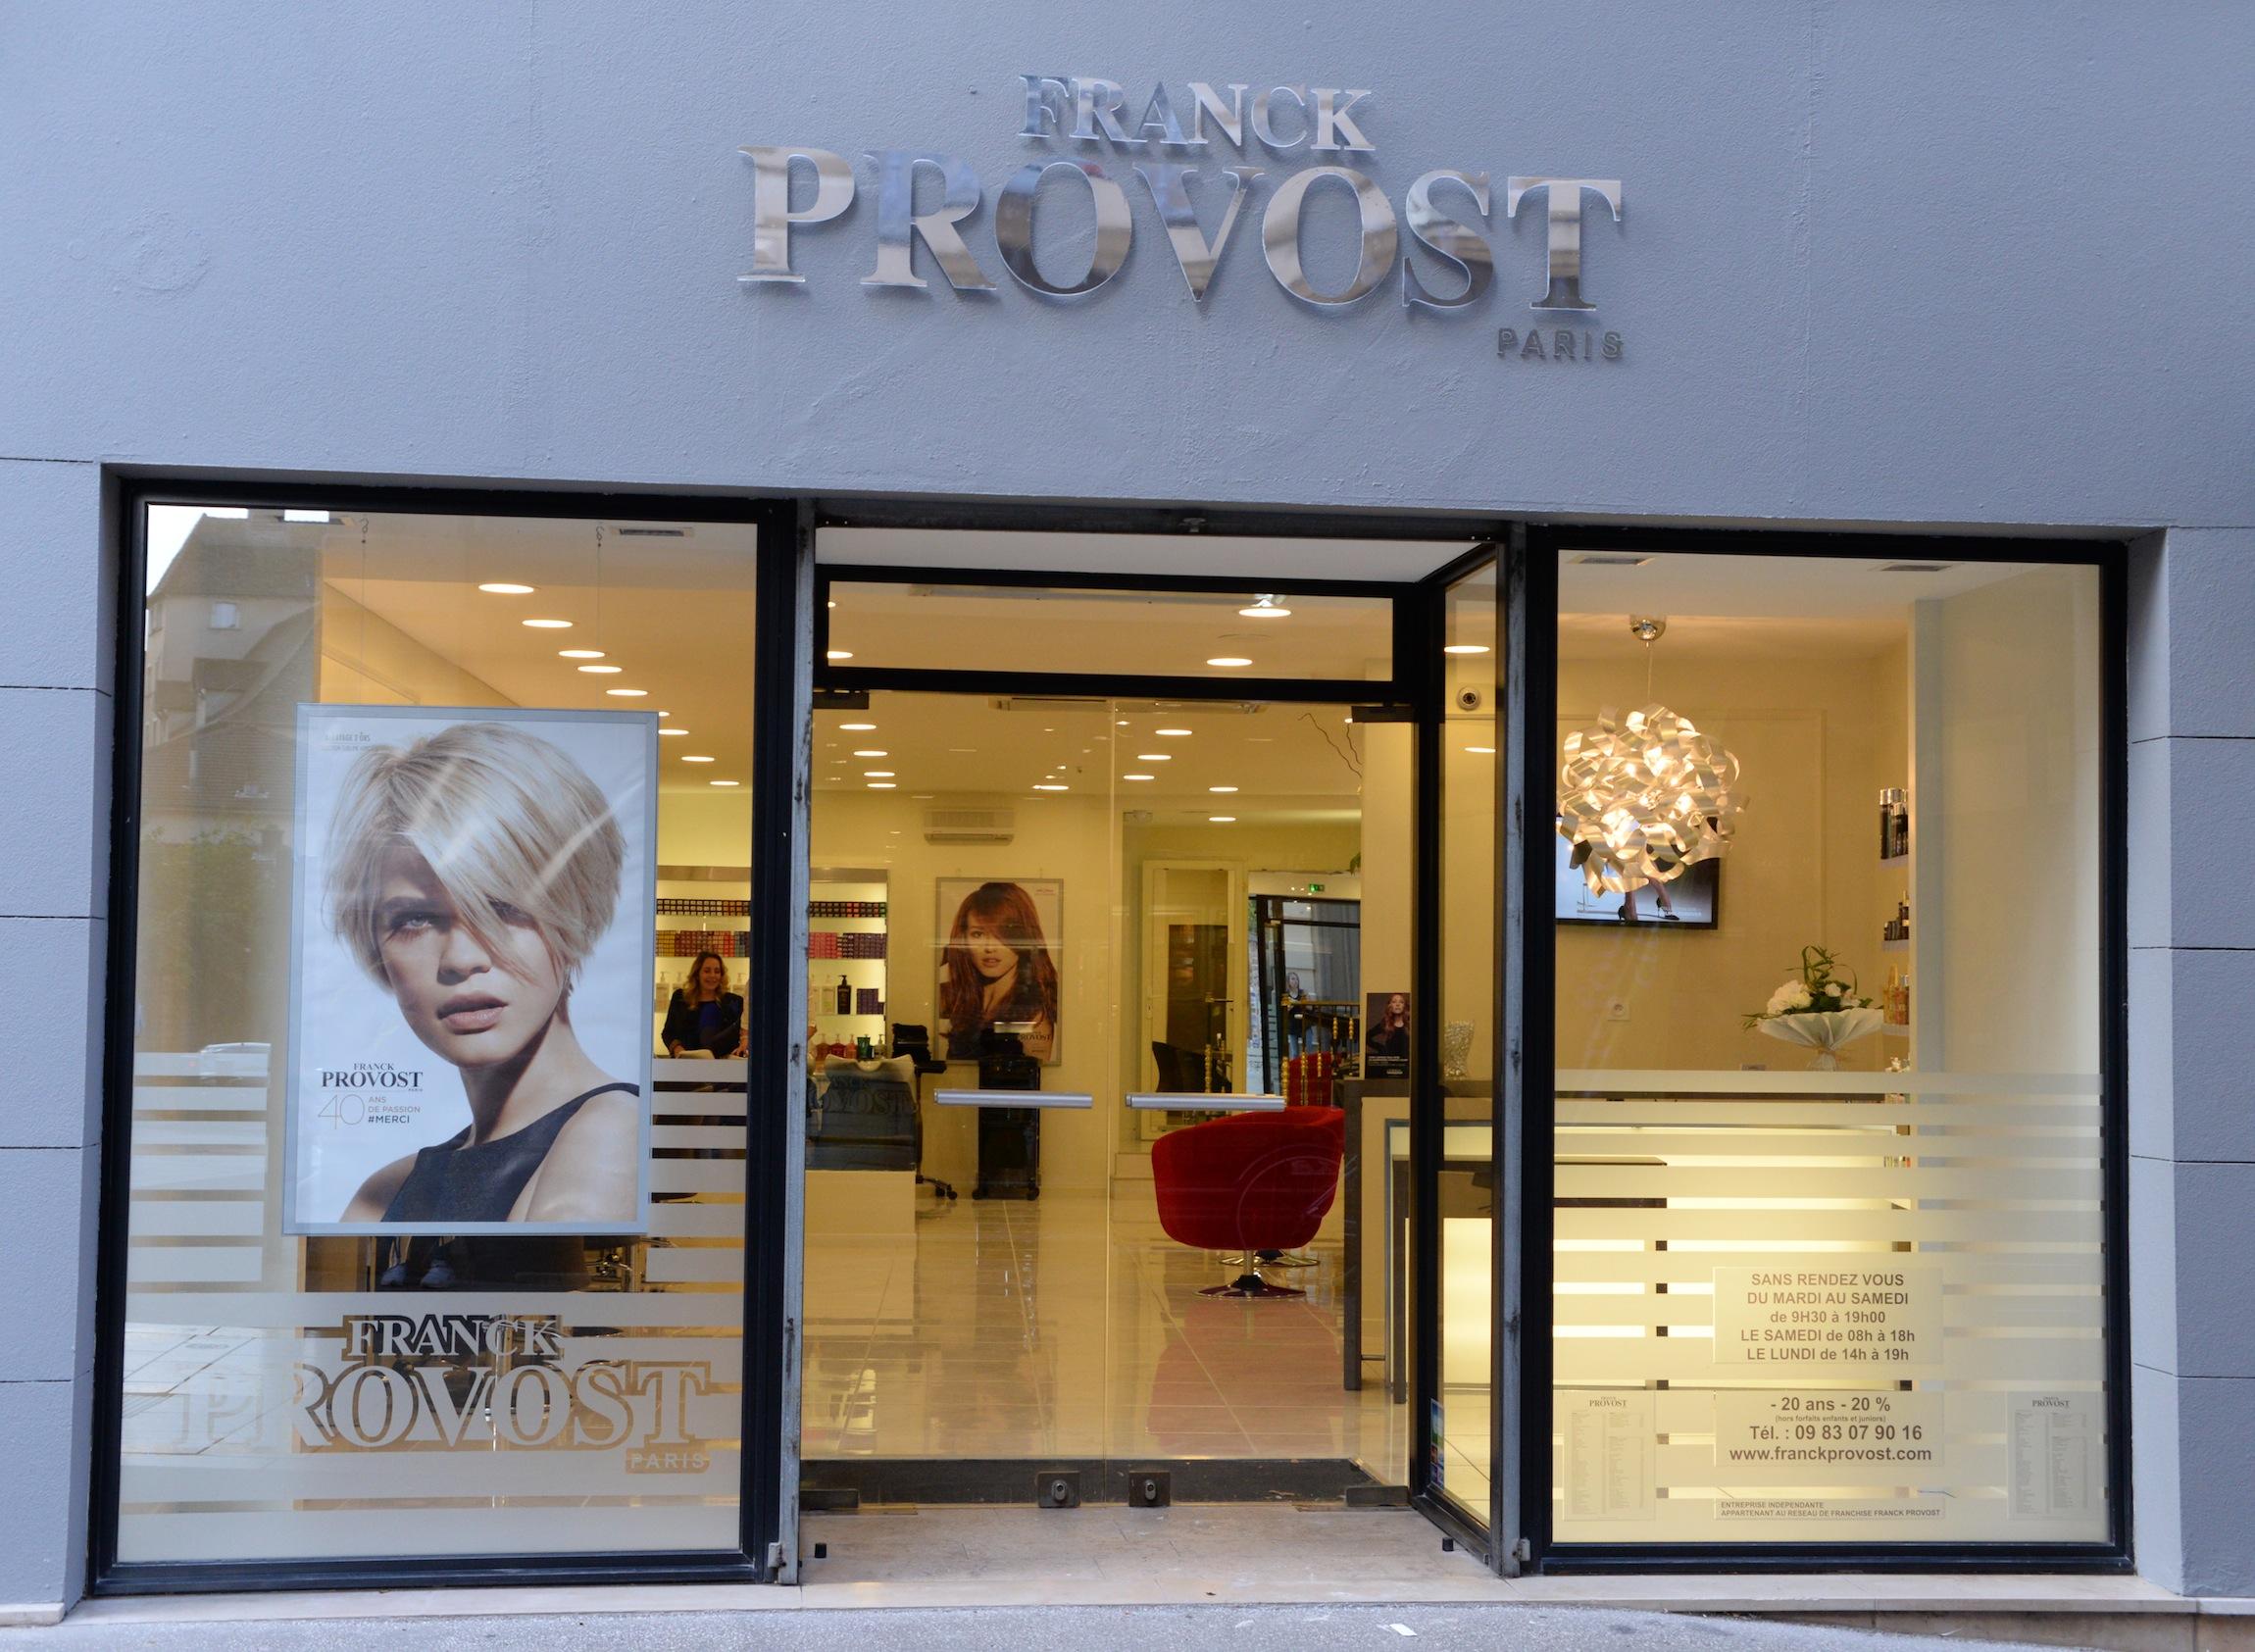 M con le salon franck provost est ouvert l actualit for Tarif salon franck provost